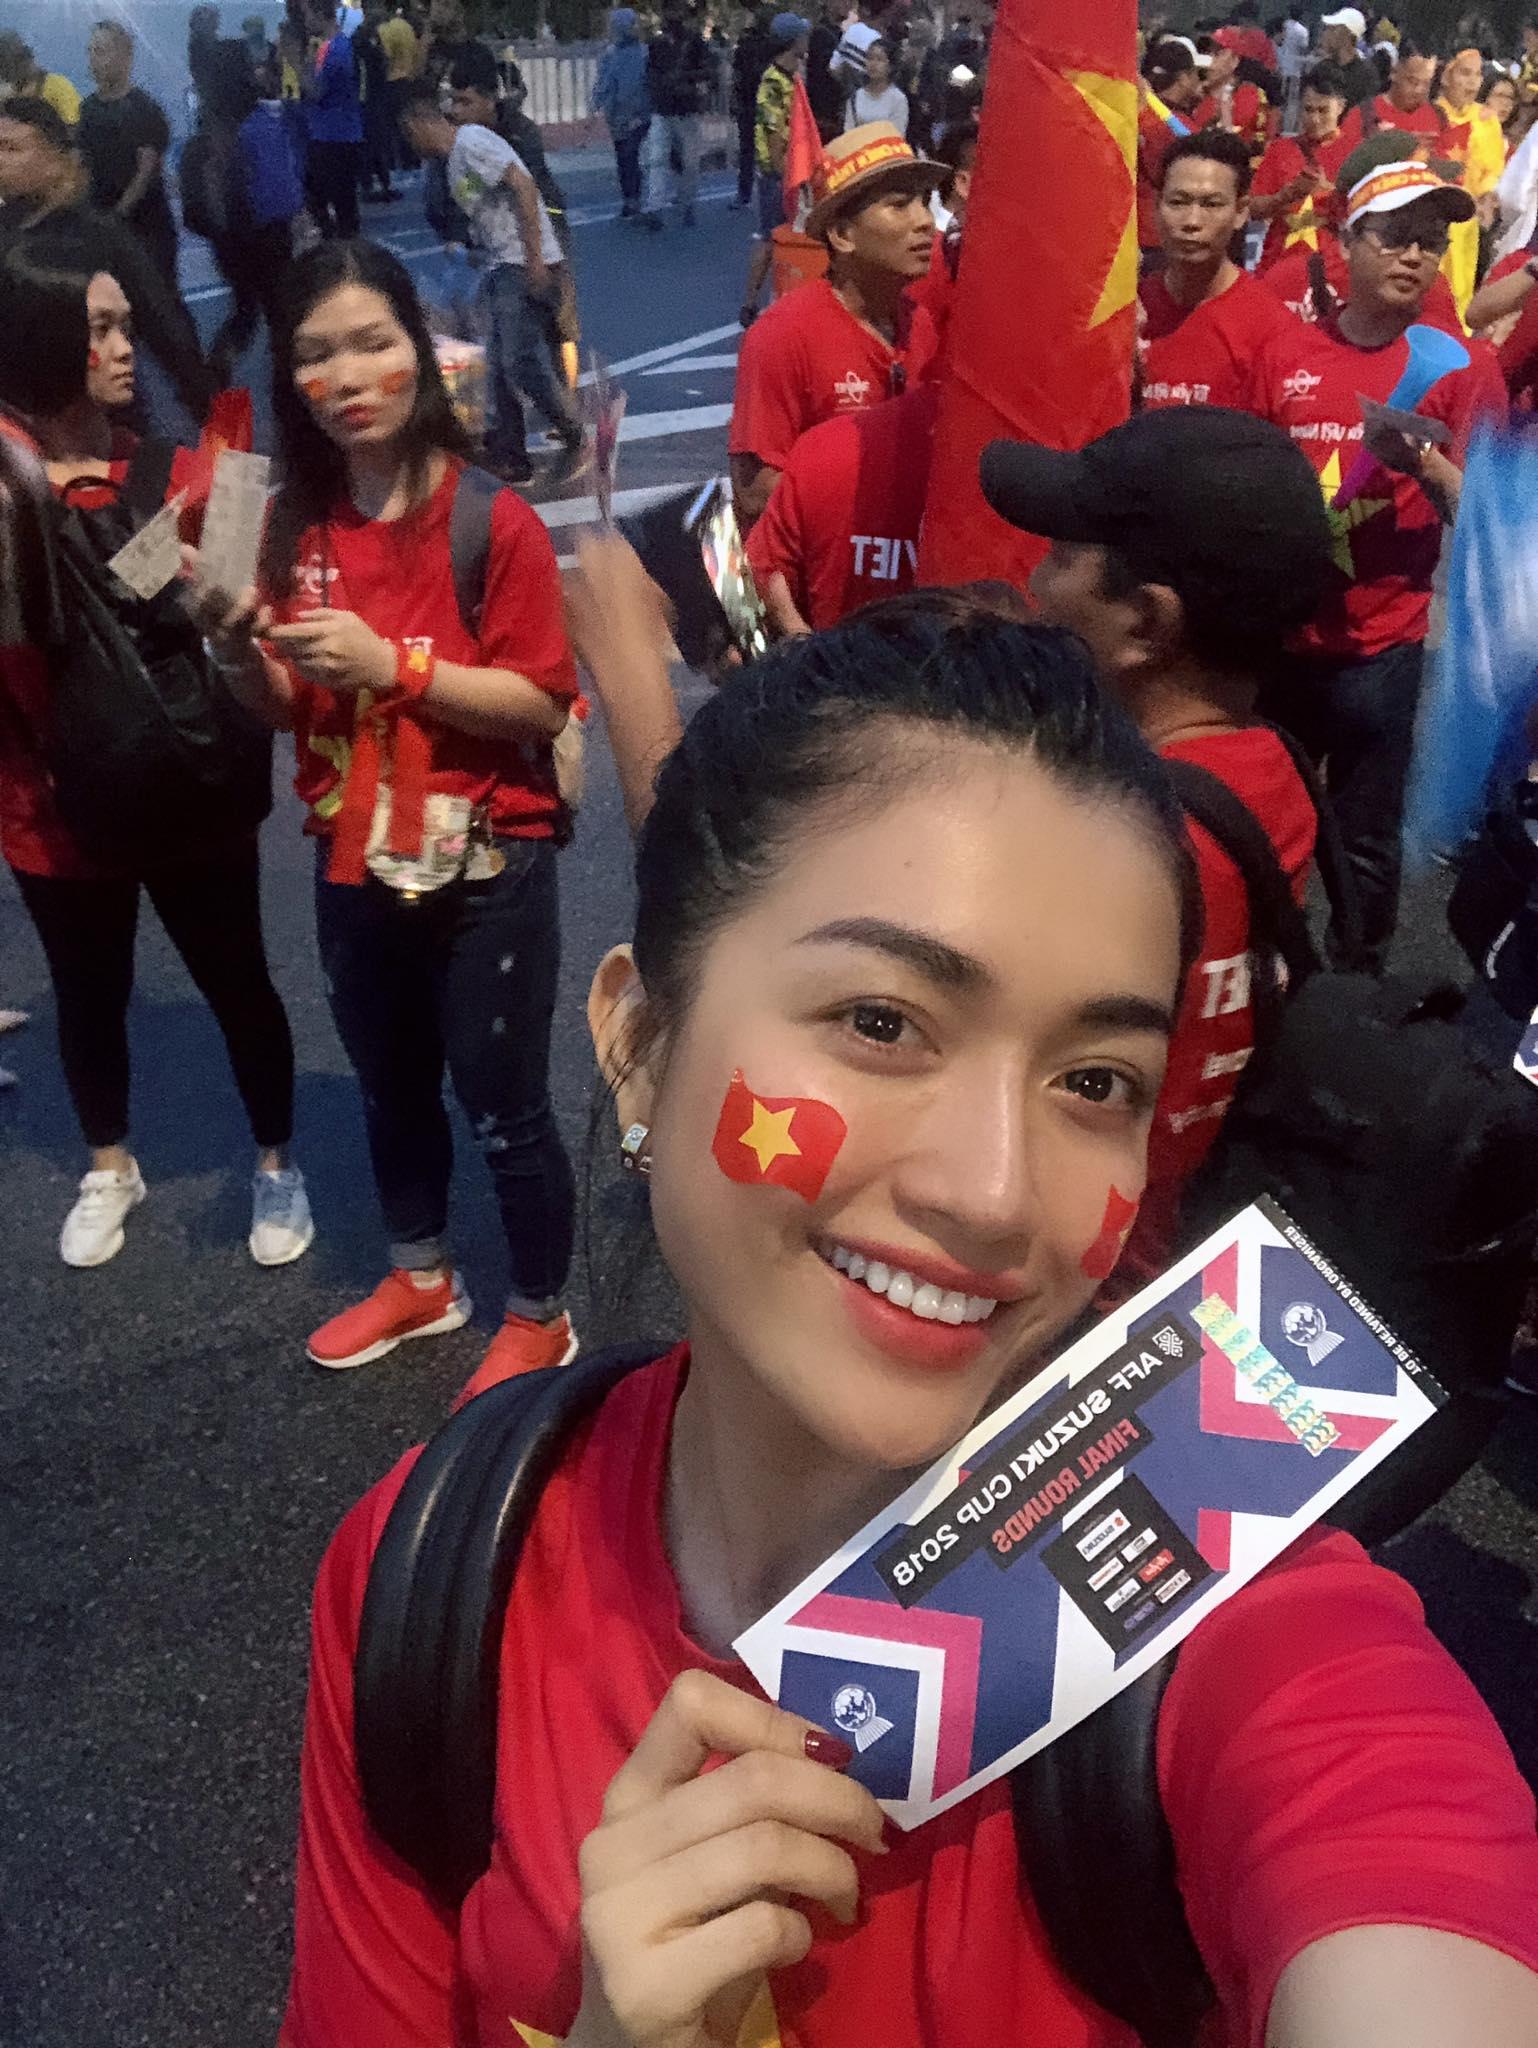 Á hậu Lệ Hằng xông vào ngồi giữa CĐV Malaysia và cái kết bất ngờ 1